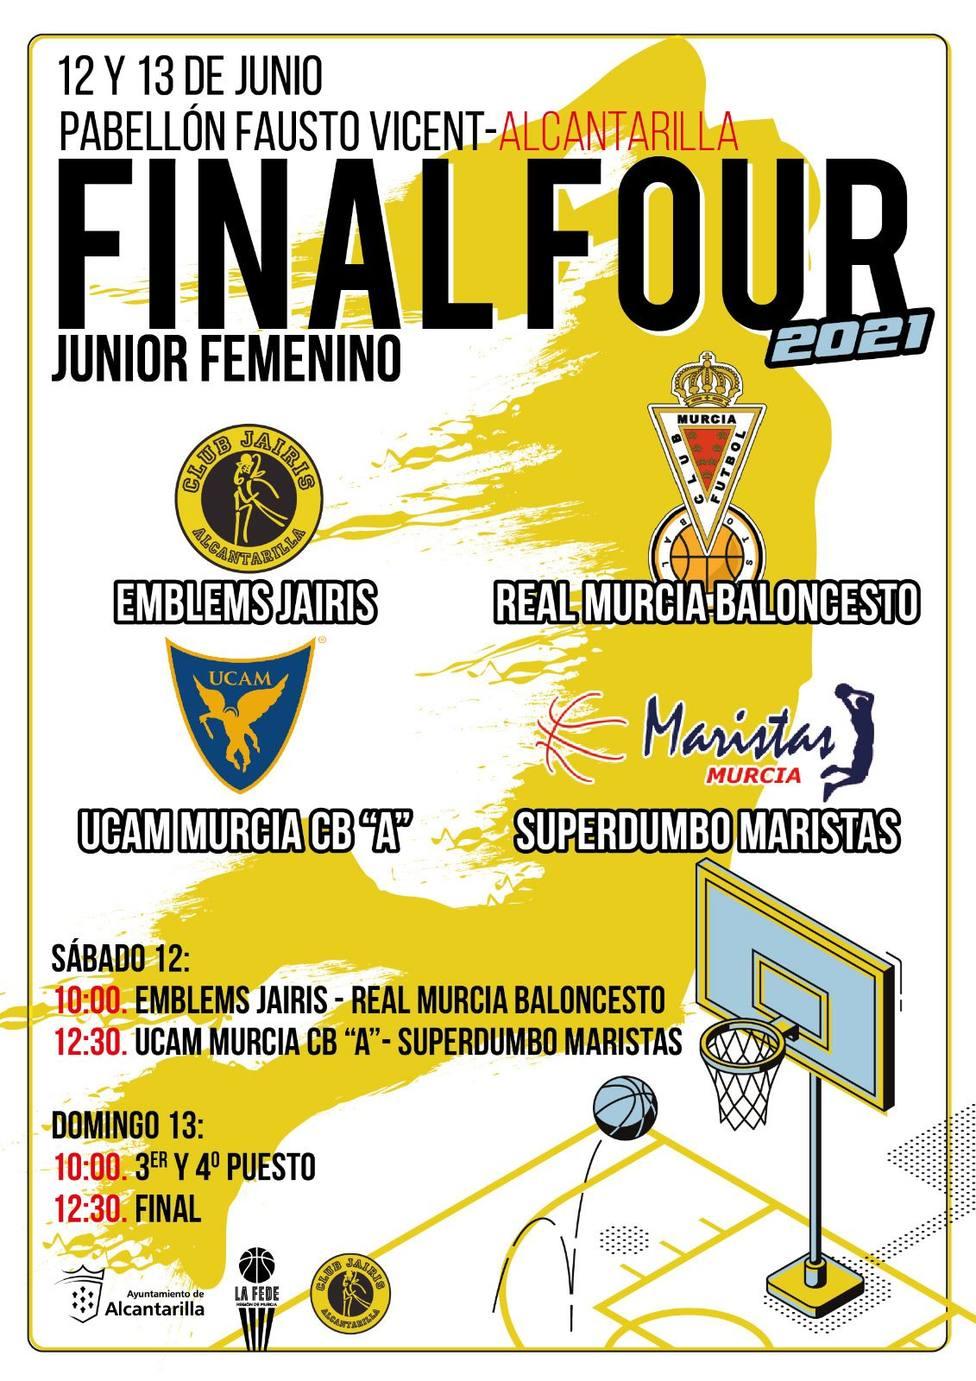 ctv-oyn-00a-cartel-fianl-four-baloncesto-junior-femenino